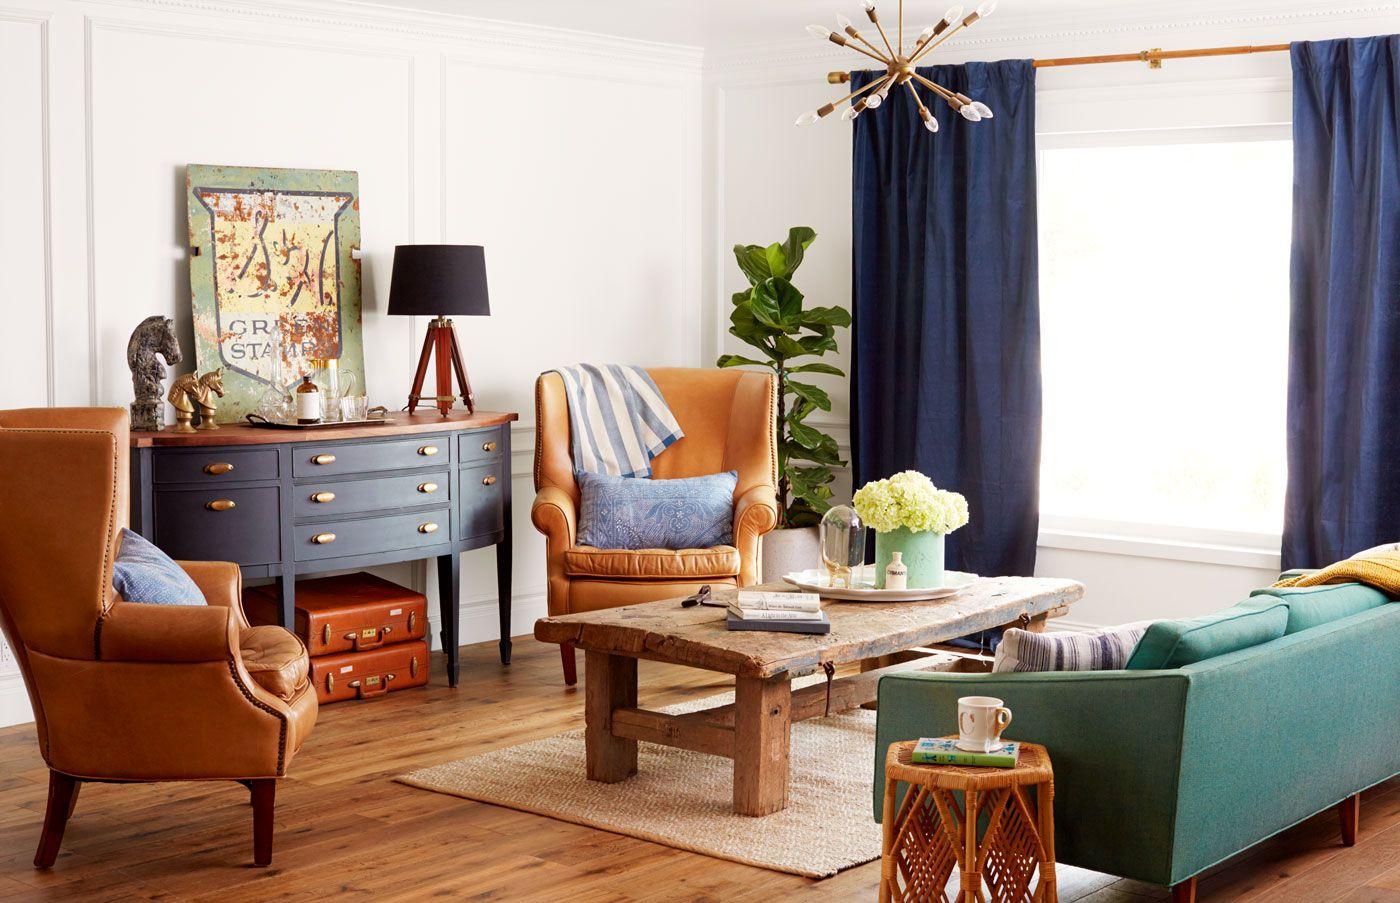 Fantastisch Schon Bequeme Sessel Wohnzimmer Möbel Florale Elemente Blaue  Wände Schockierend Kinderzimmer Deko Junge Vorhang Ideen Für Wohnzimmer ...